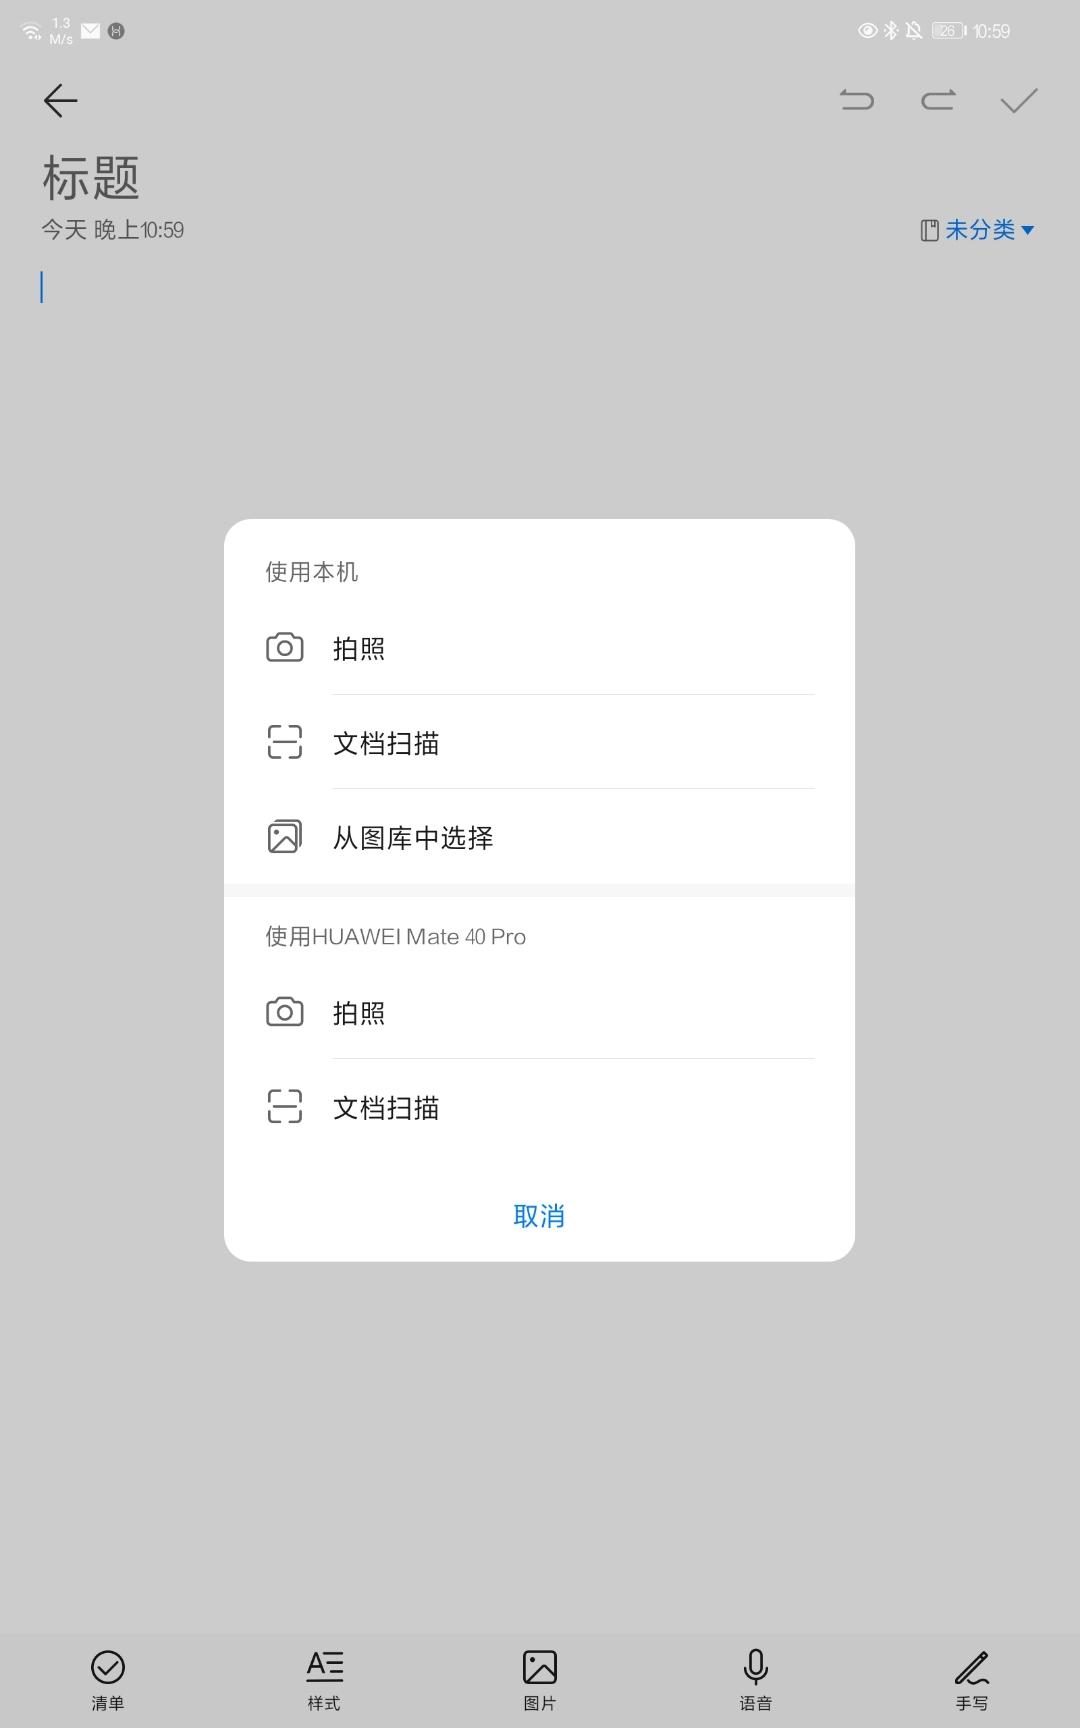 Screenshot_20201120_225912_com.huawei.notepad.jpg